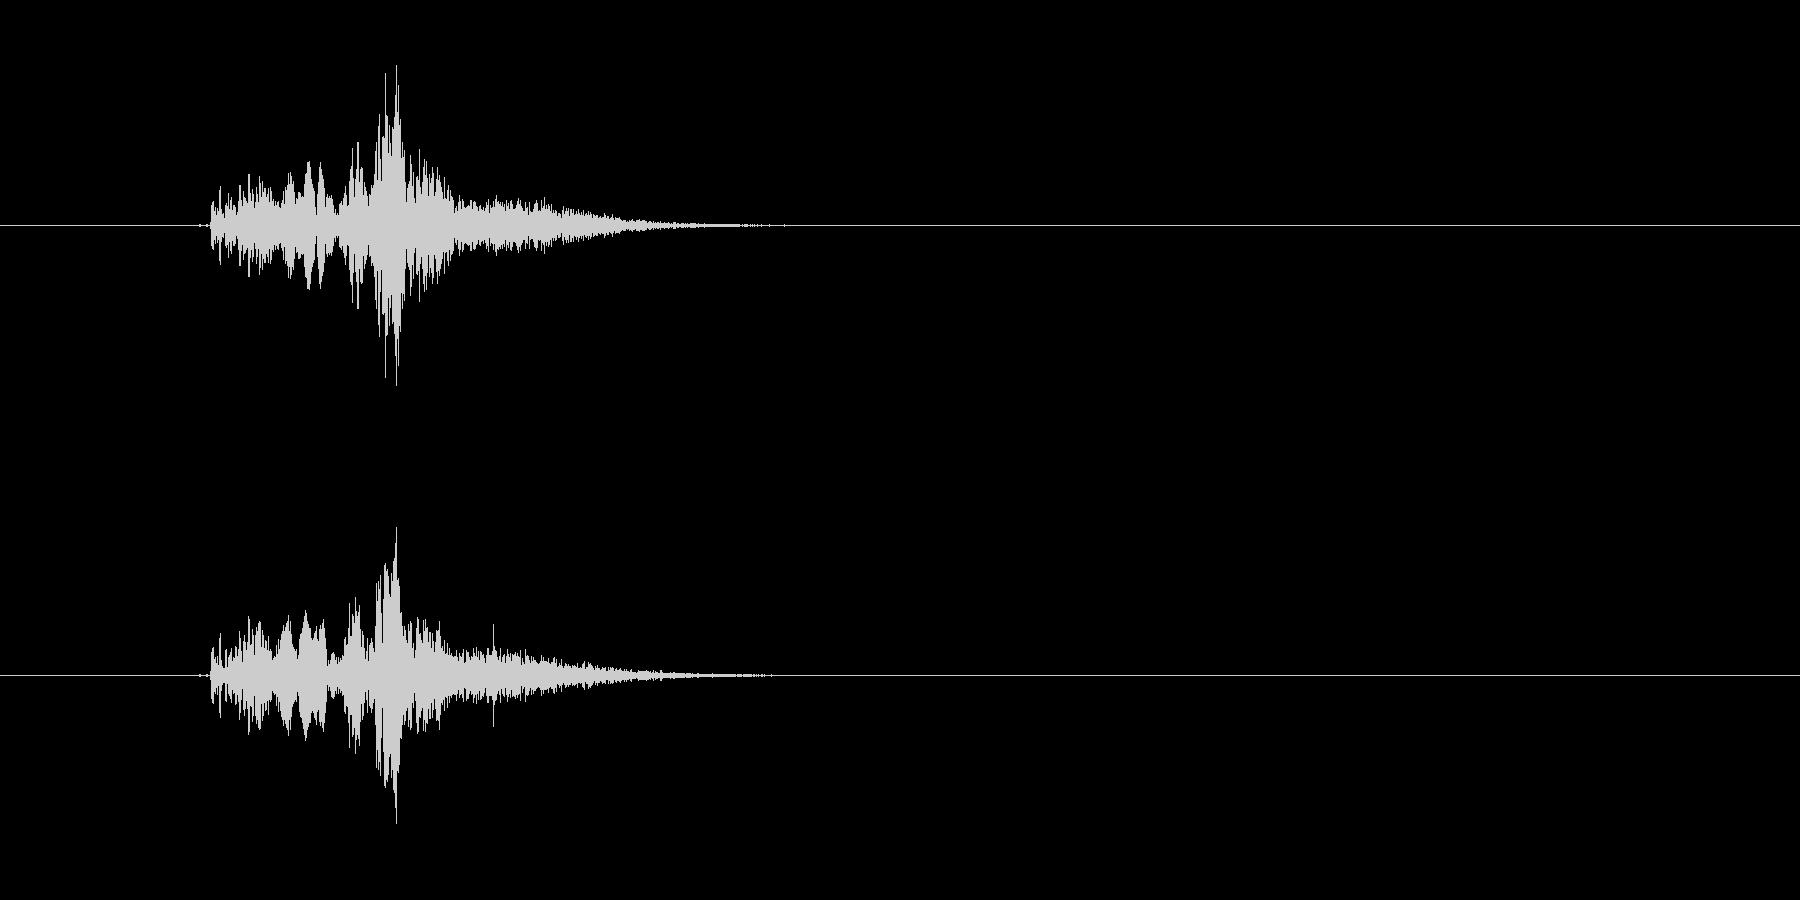 ピュイン(未来的な音)の未再生の波形